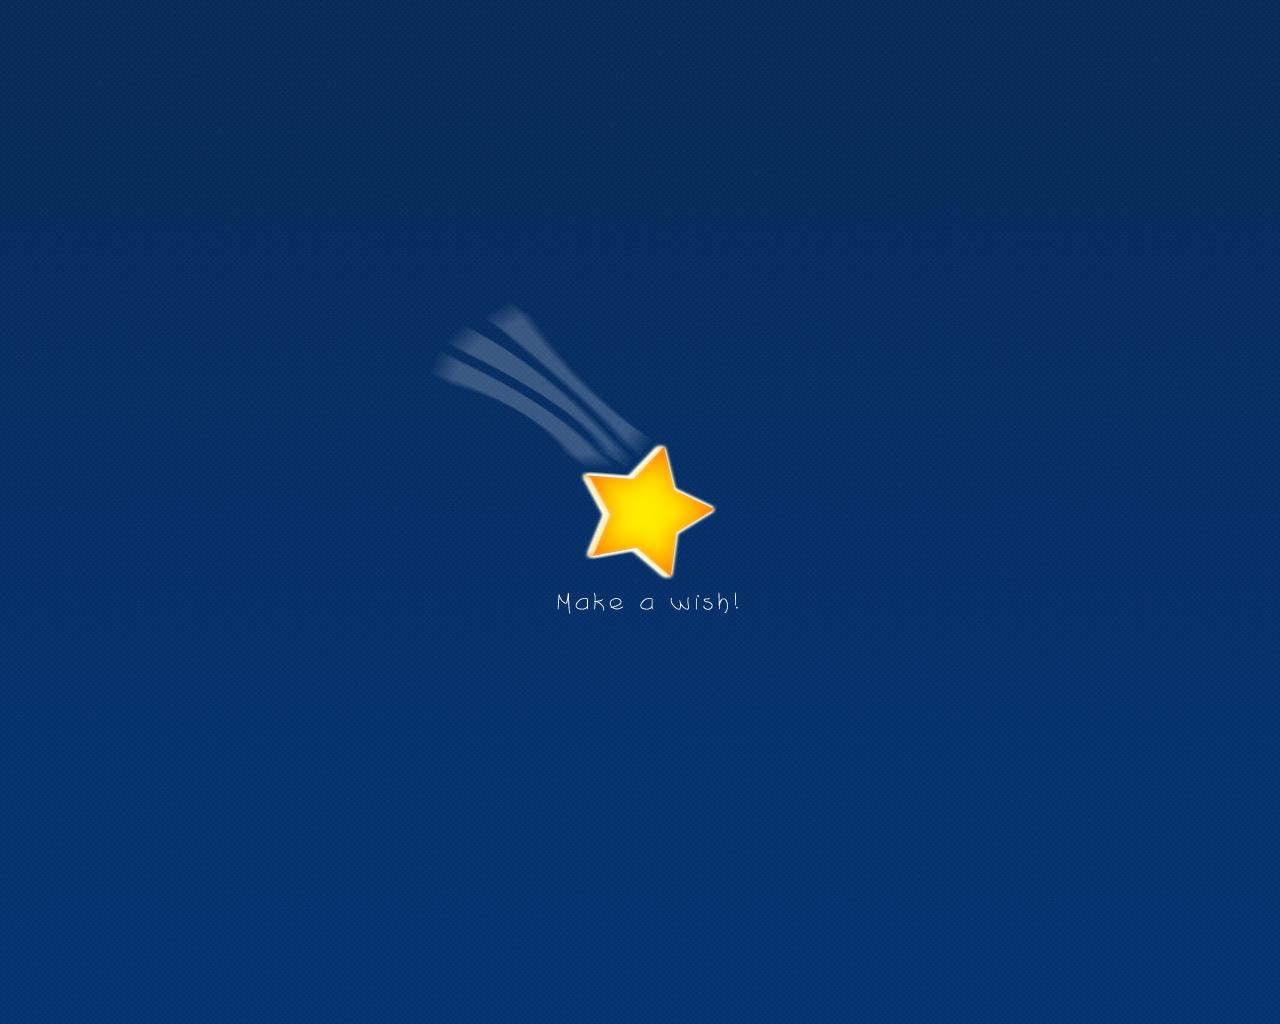 21 Aprile alzate gli occhi al cielo: spettacolo di stelle cadenti